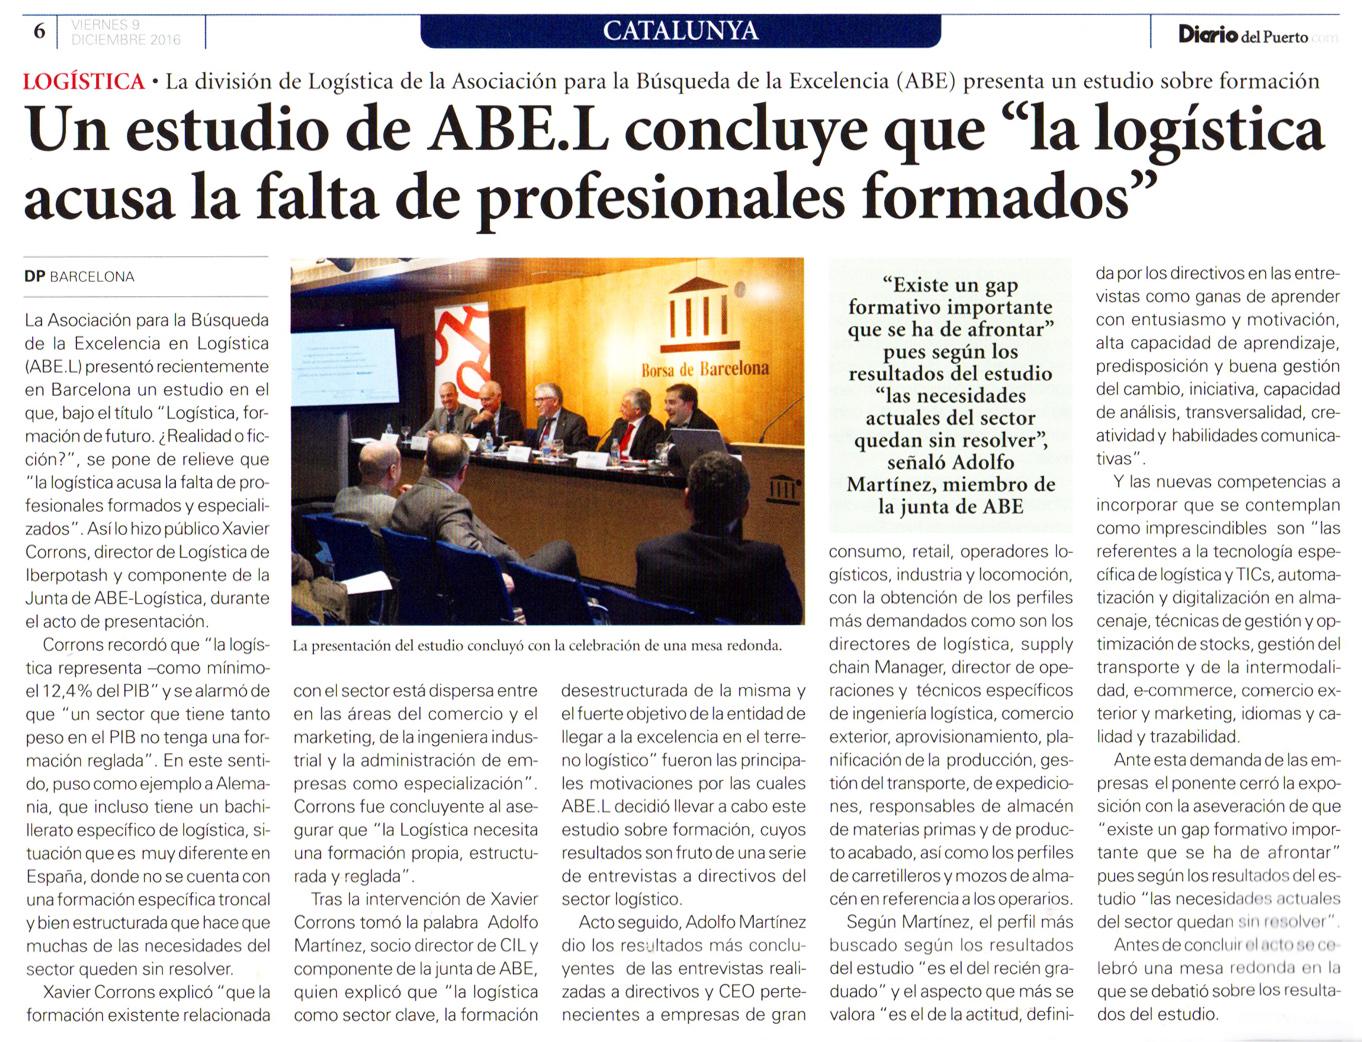 diario_del_puerto2